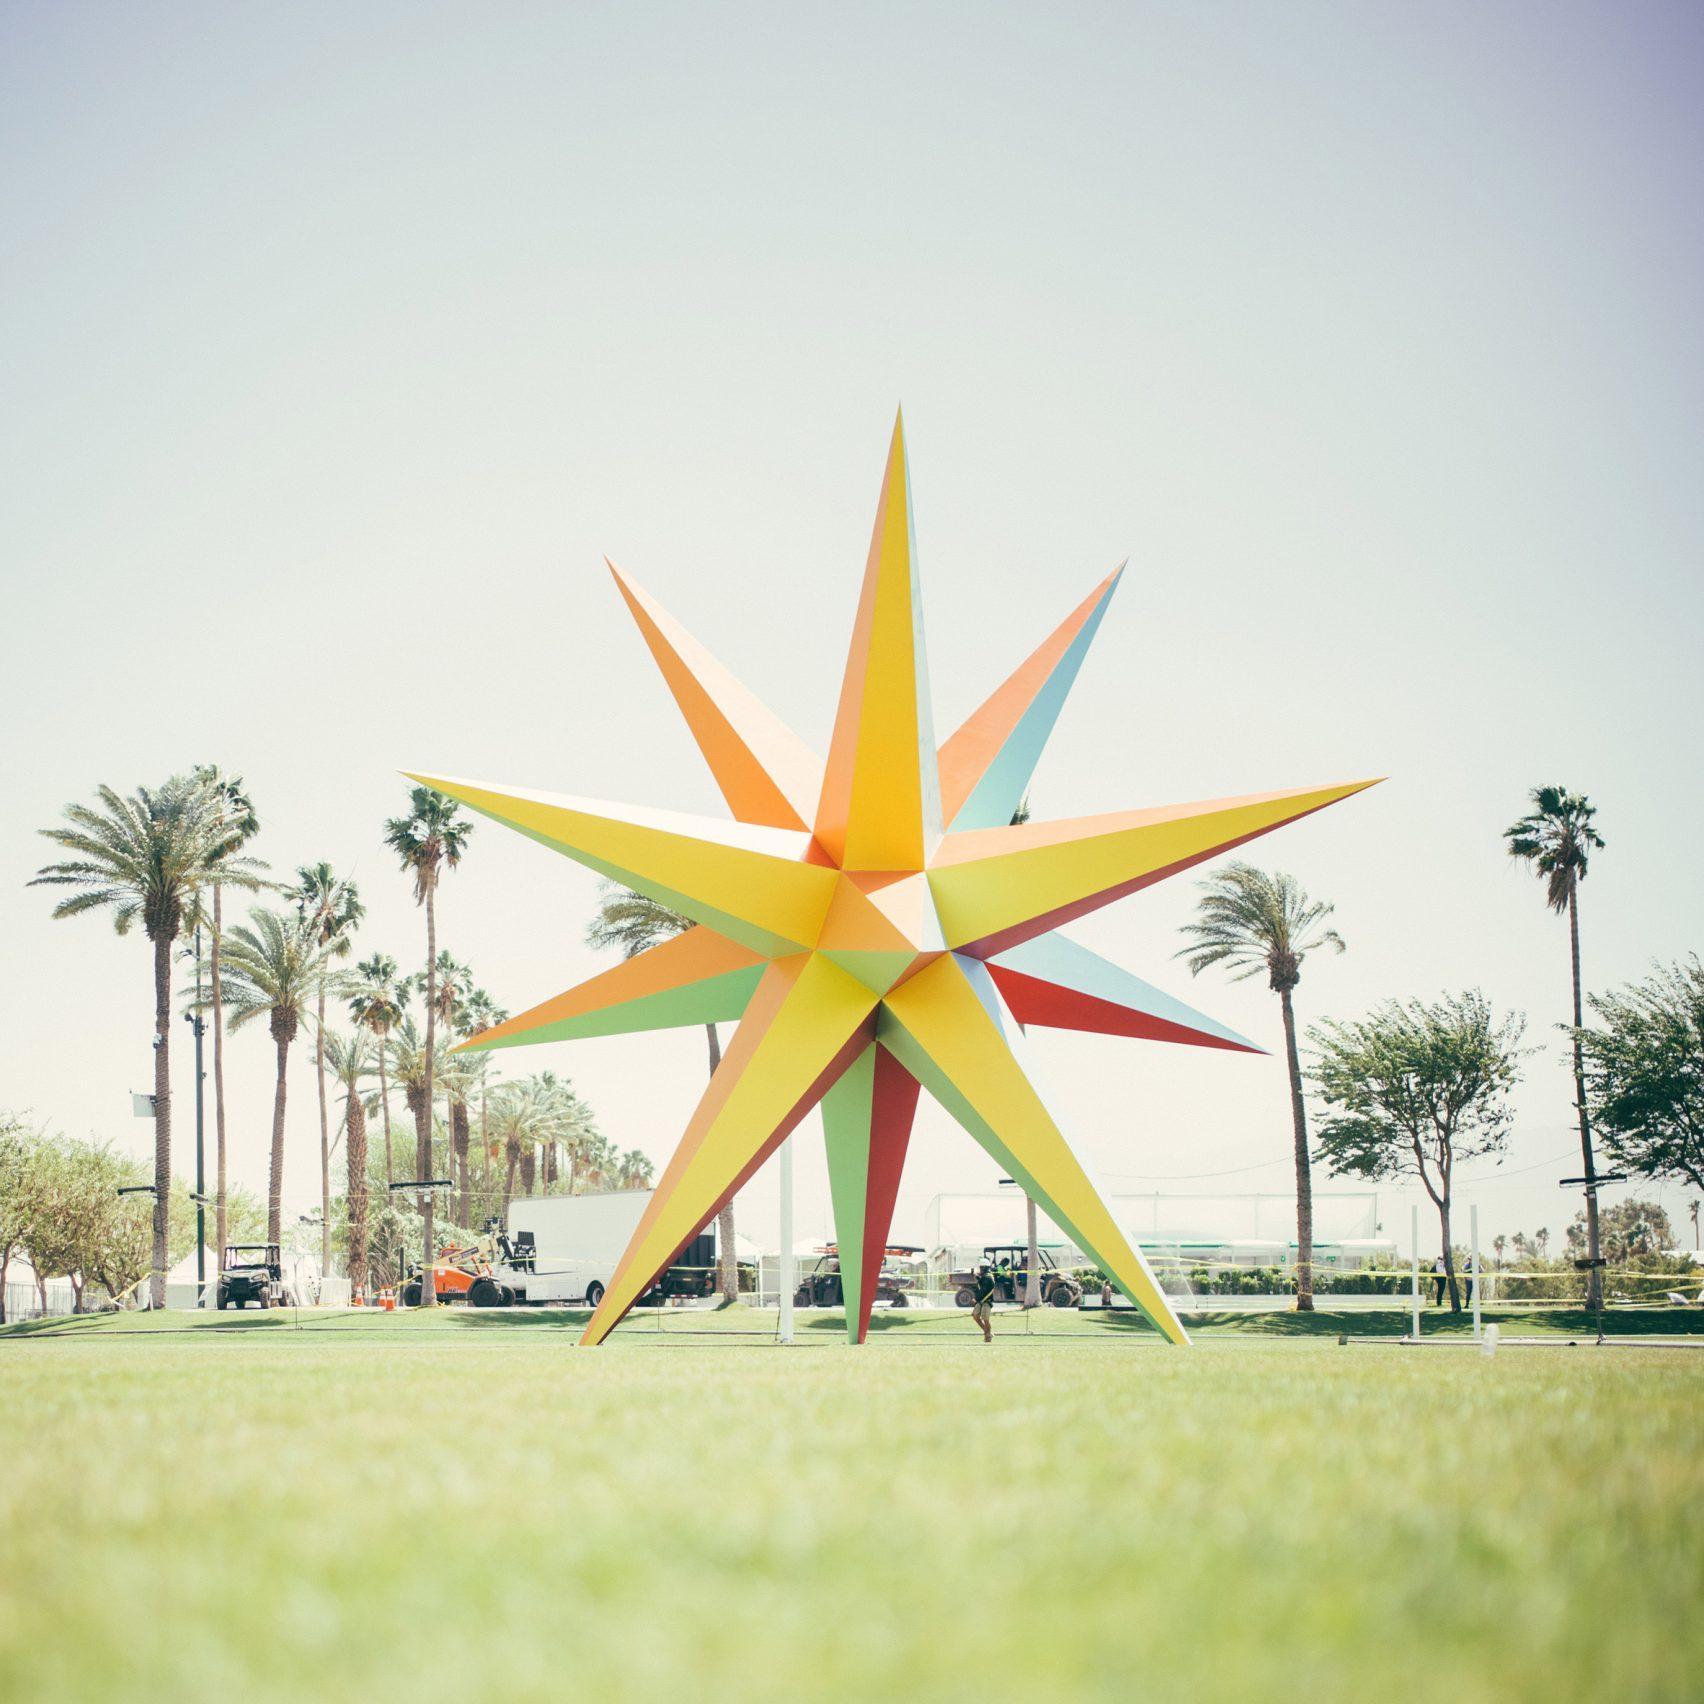 Wielokolorowa gwiazda na trawie, w tle palmy.